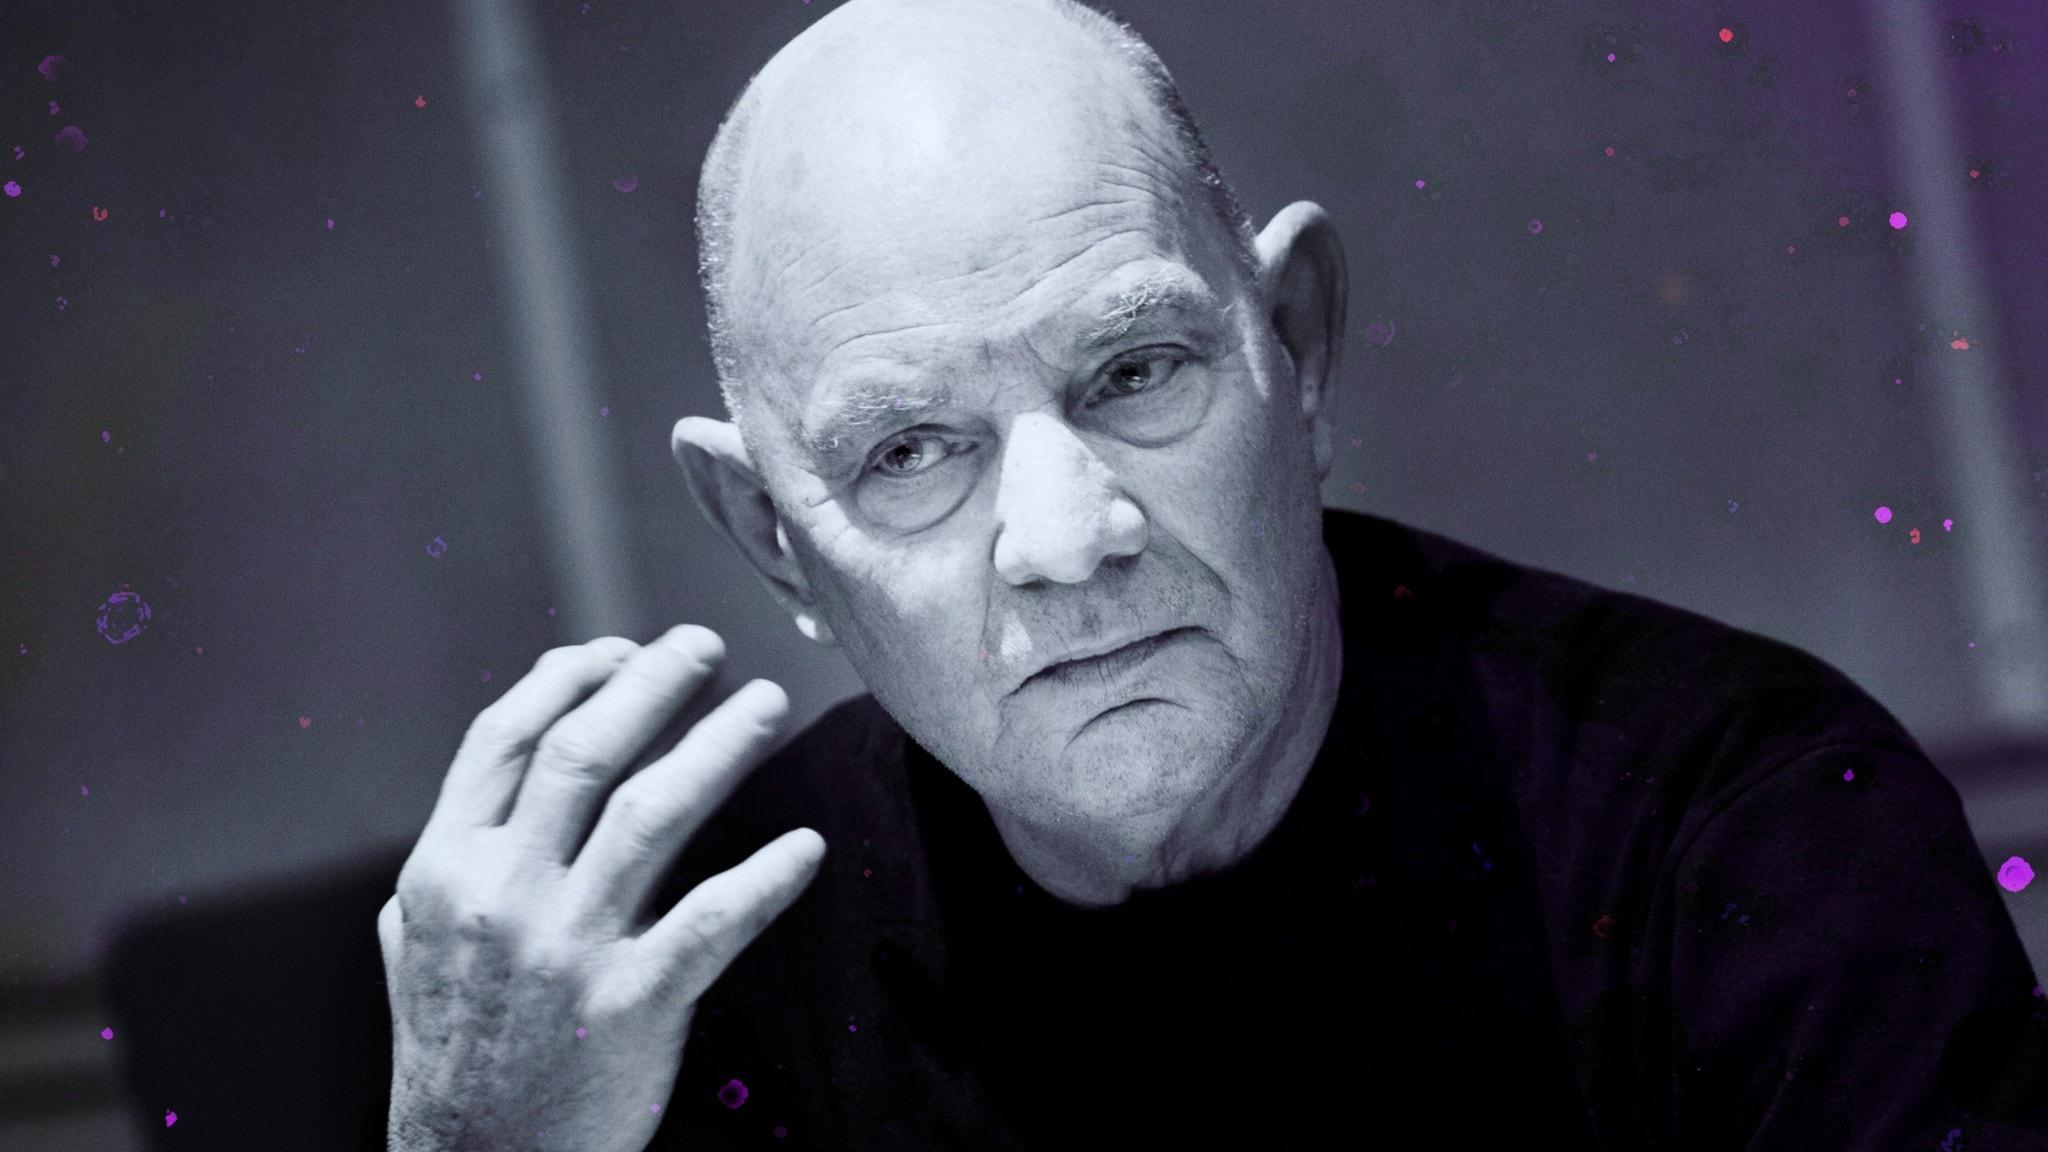 Porträtt av Lars Norén i studiomiljö under inspelningen av Skuggor.